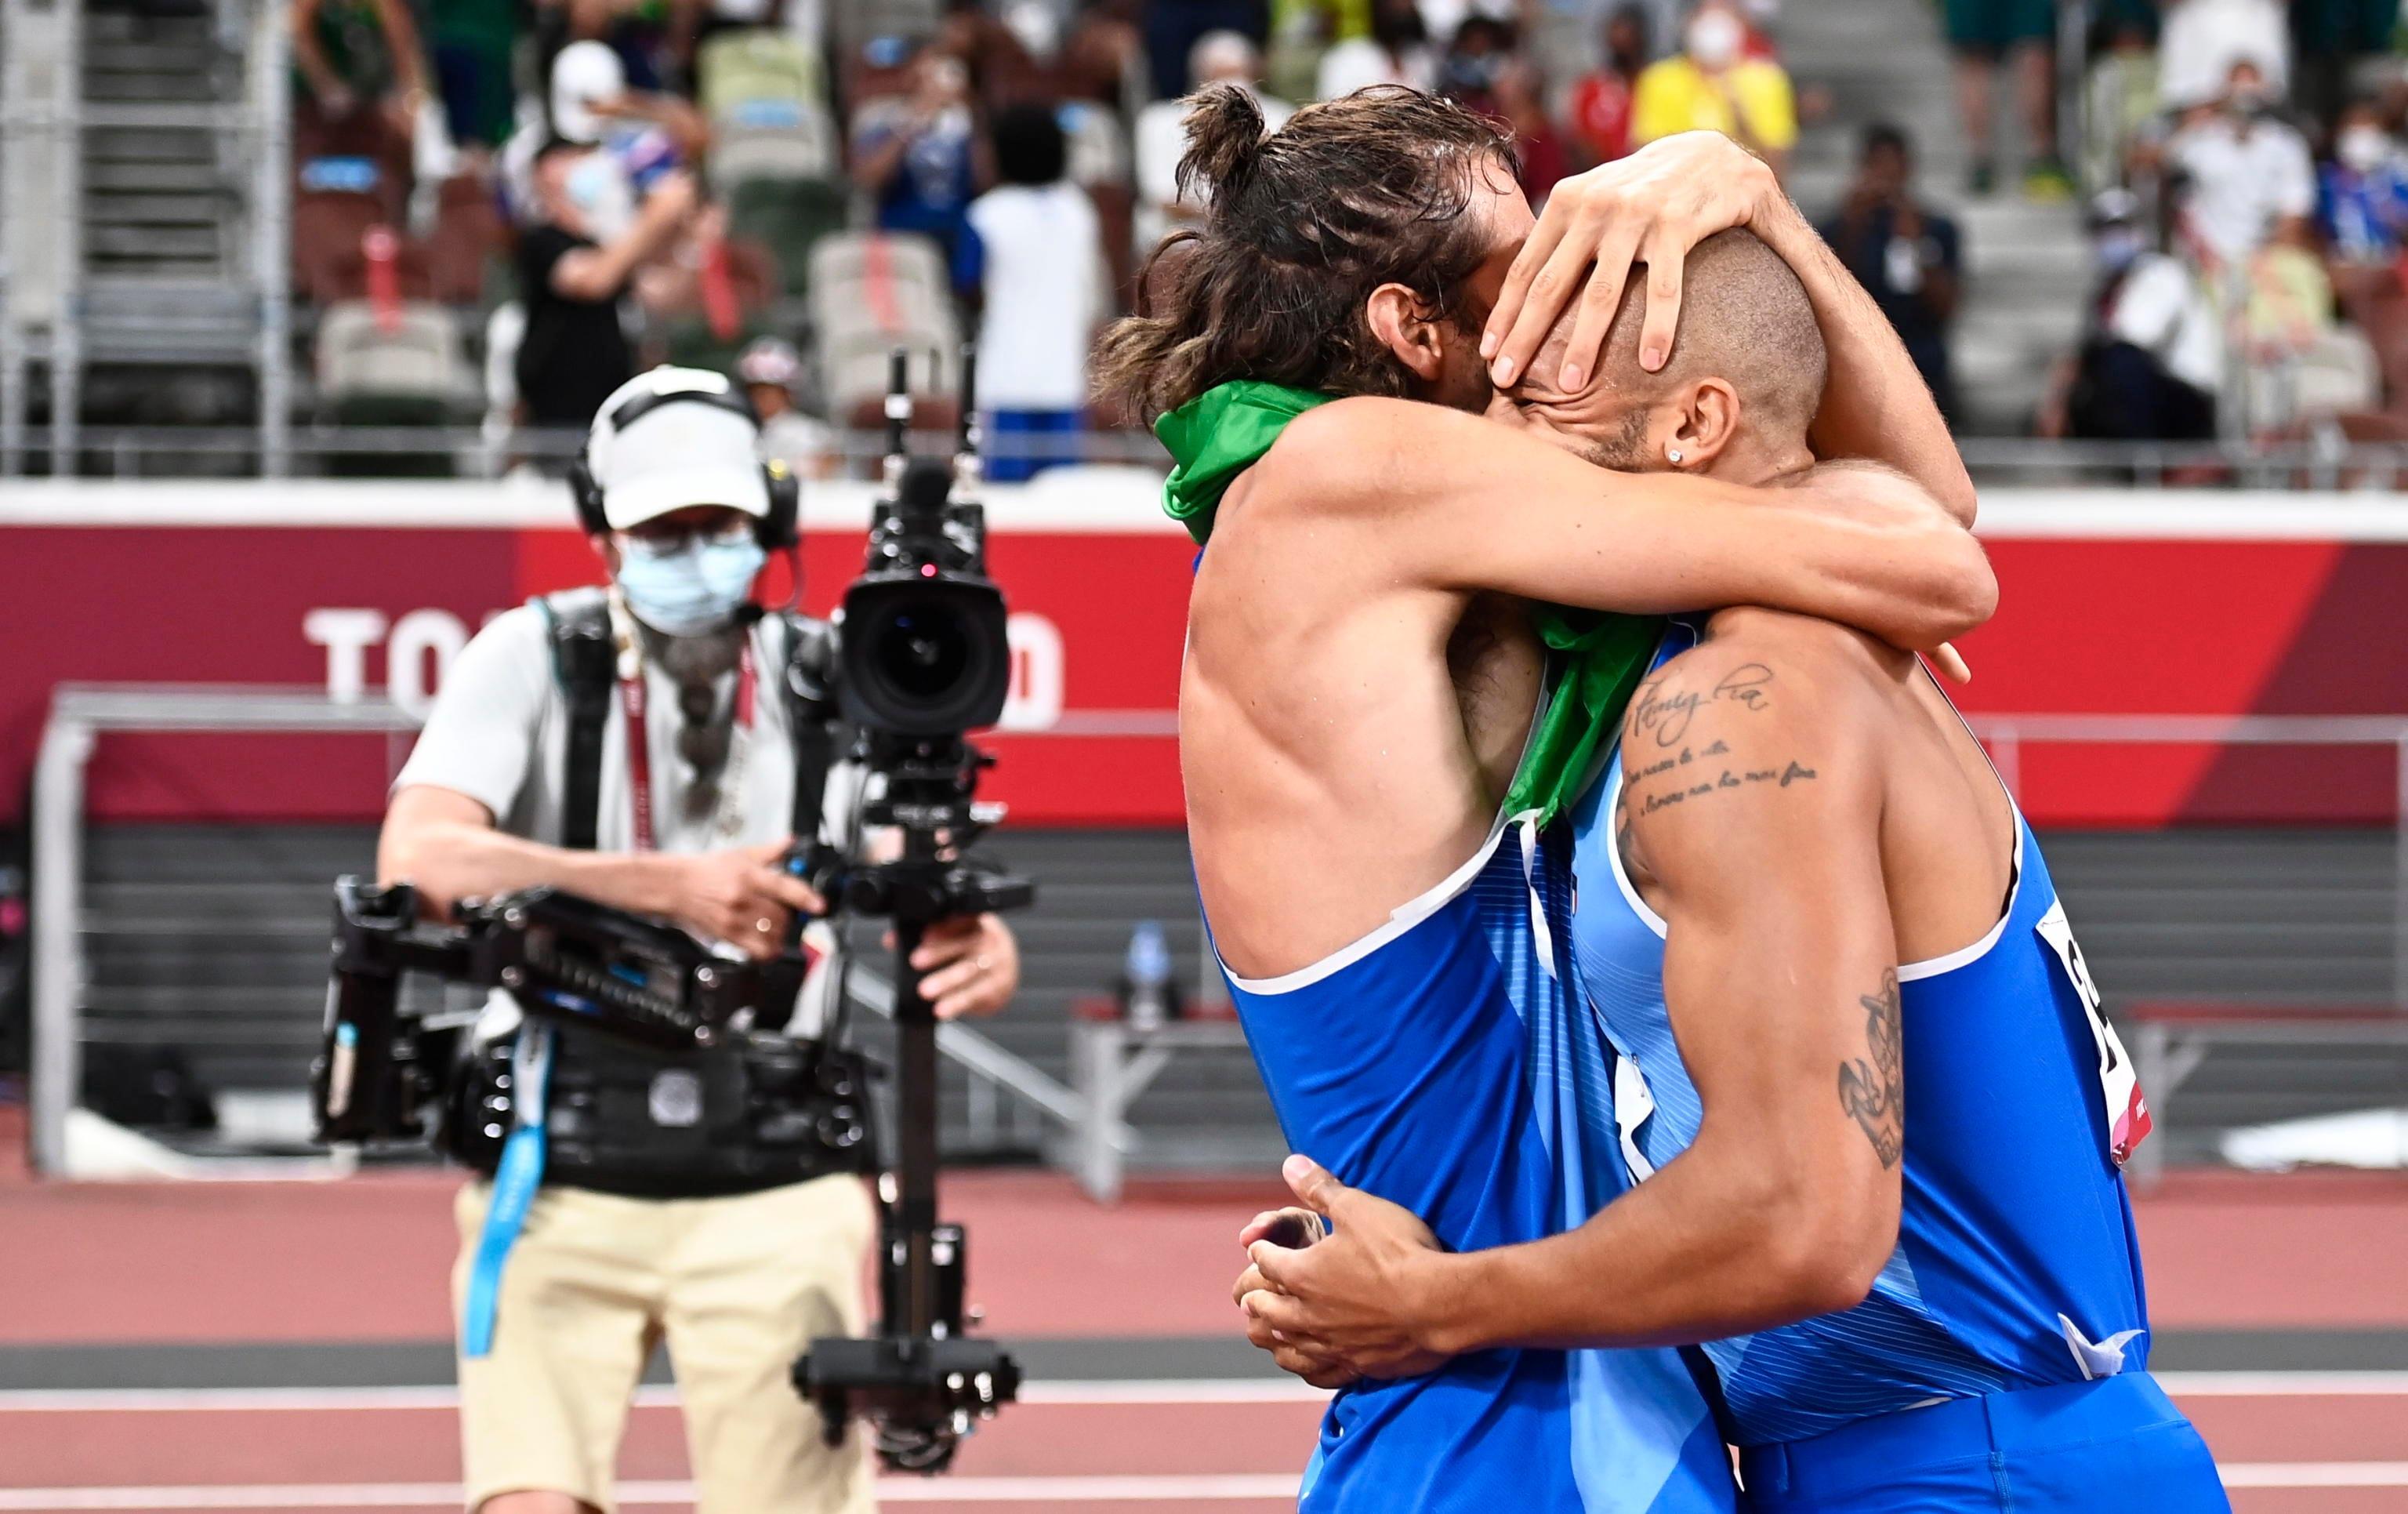 L'abbraccio fra Jacobs e Tamberi dopo le loro gare a Tokyo 2020